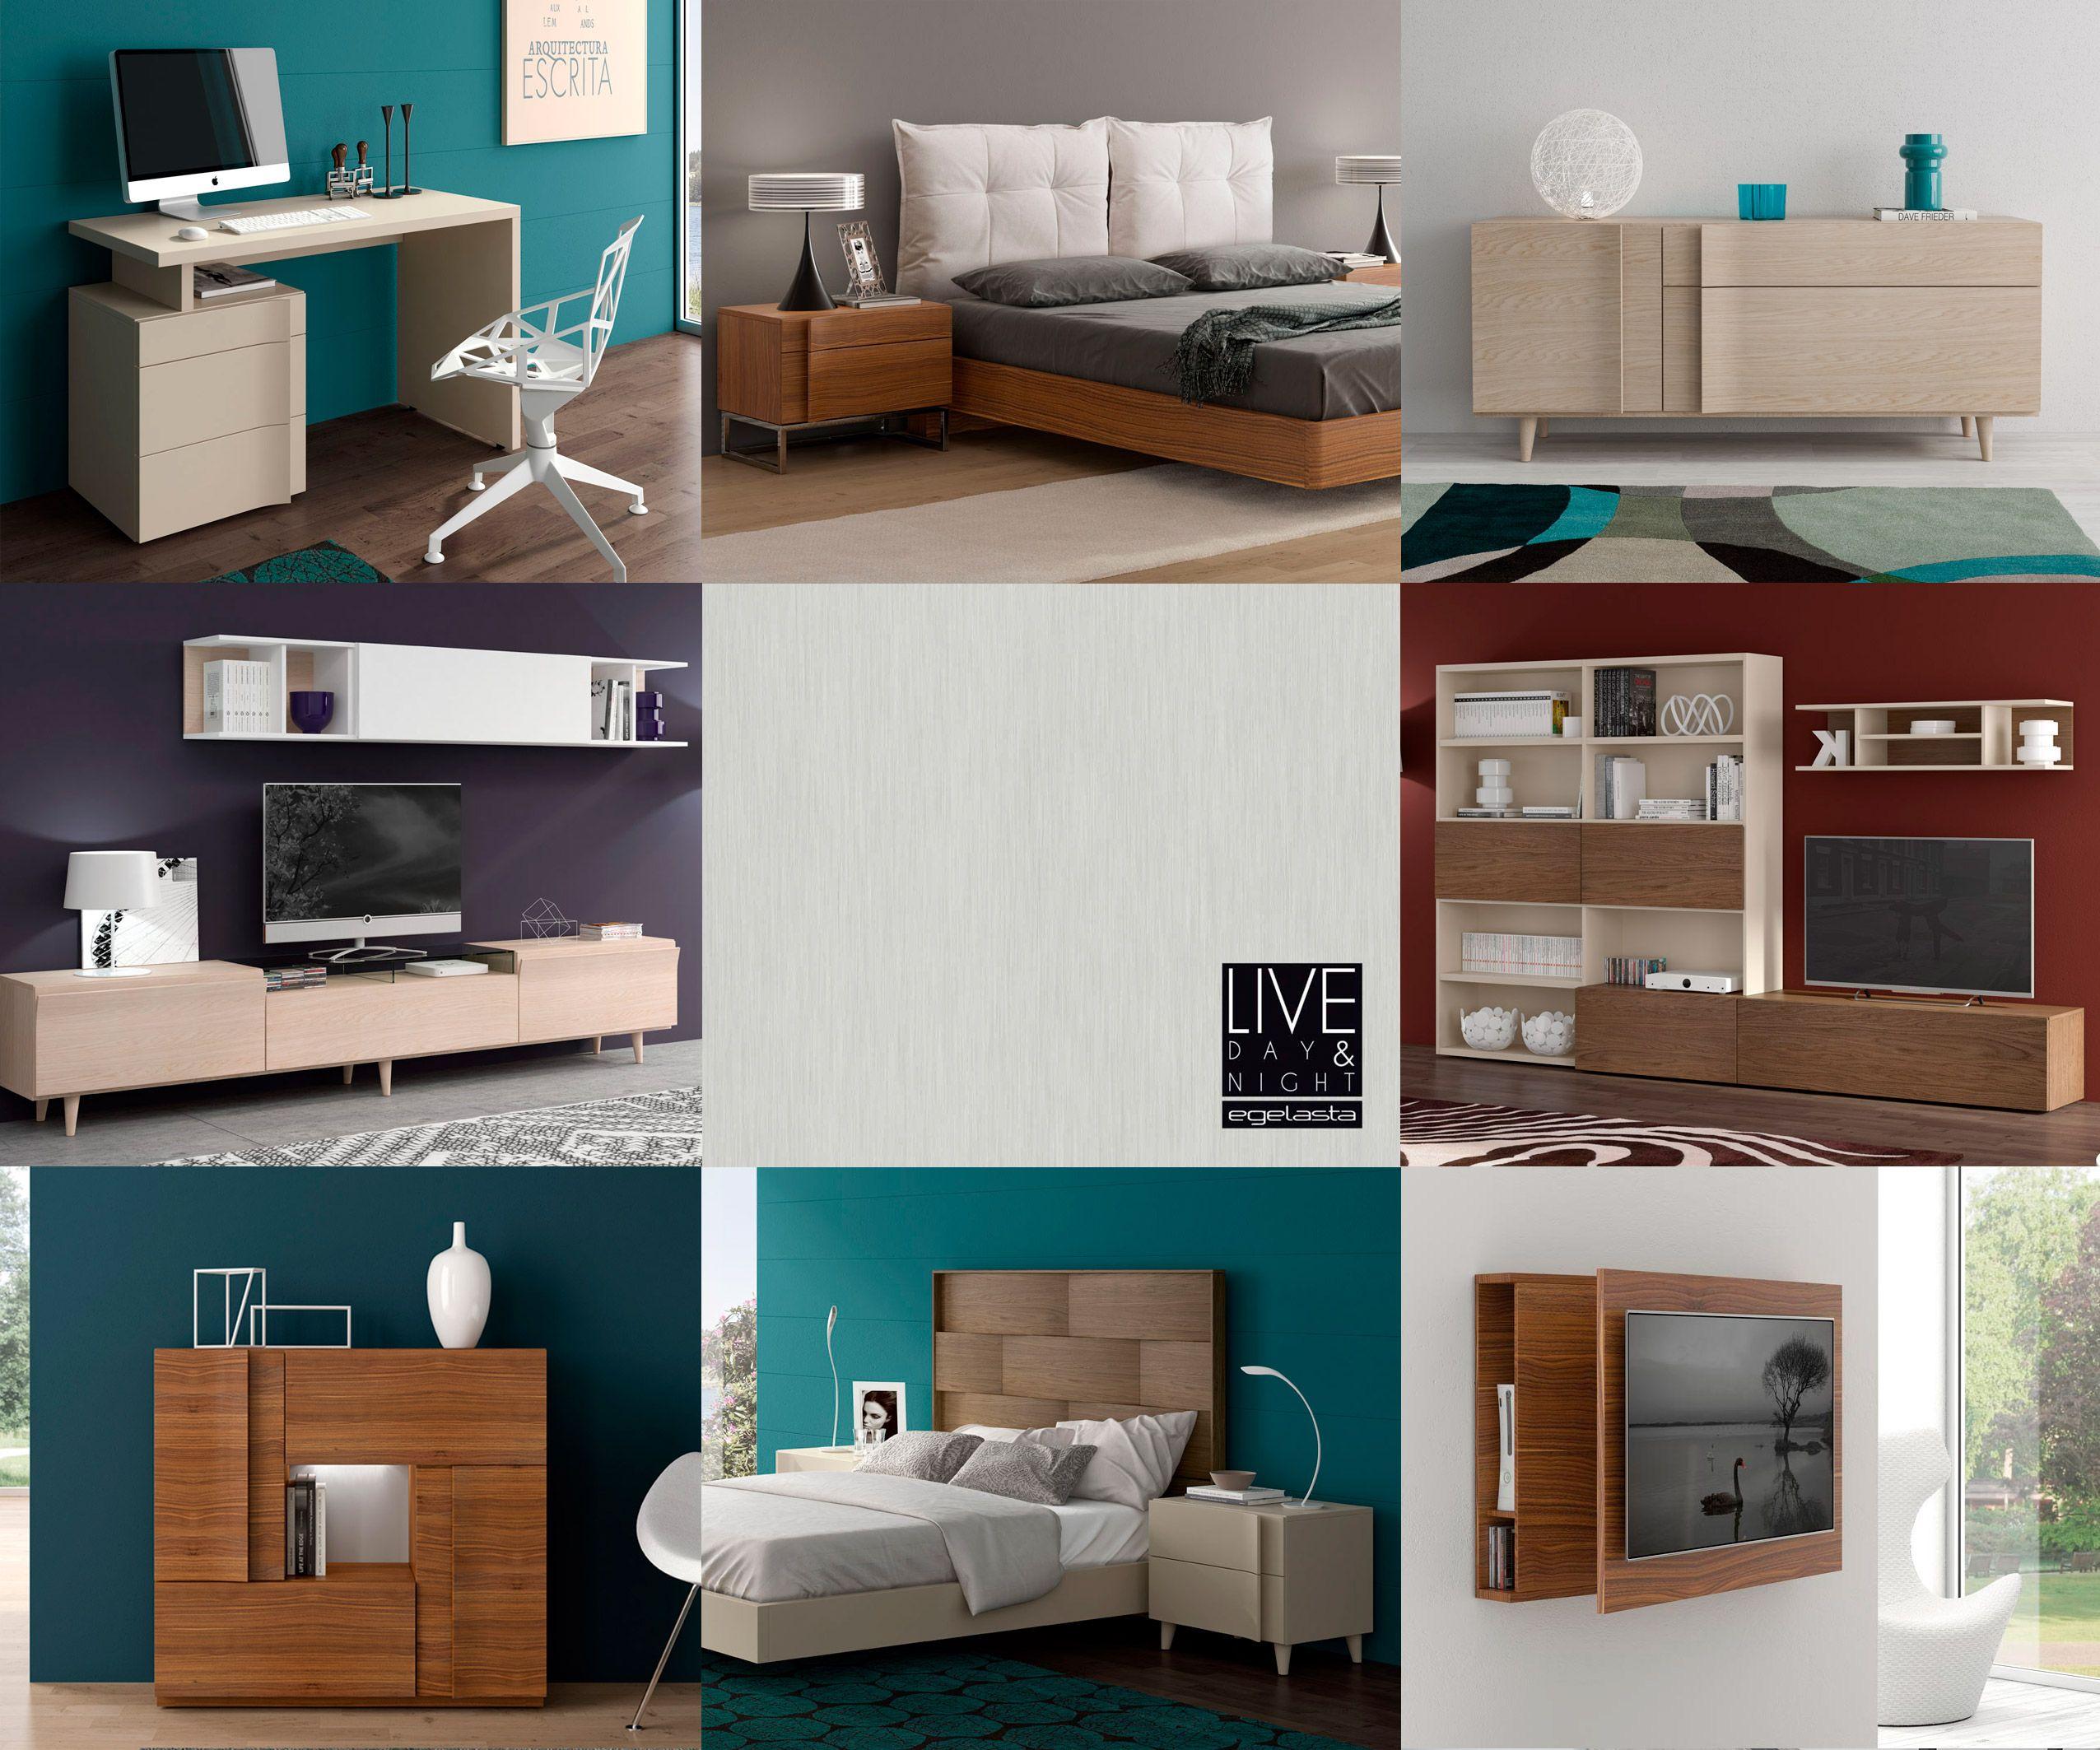 Muebles egelasta obtenga ideas dise o de muebles para su for Almedinilla muebles